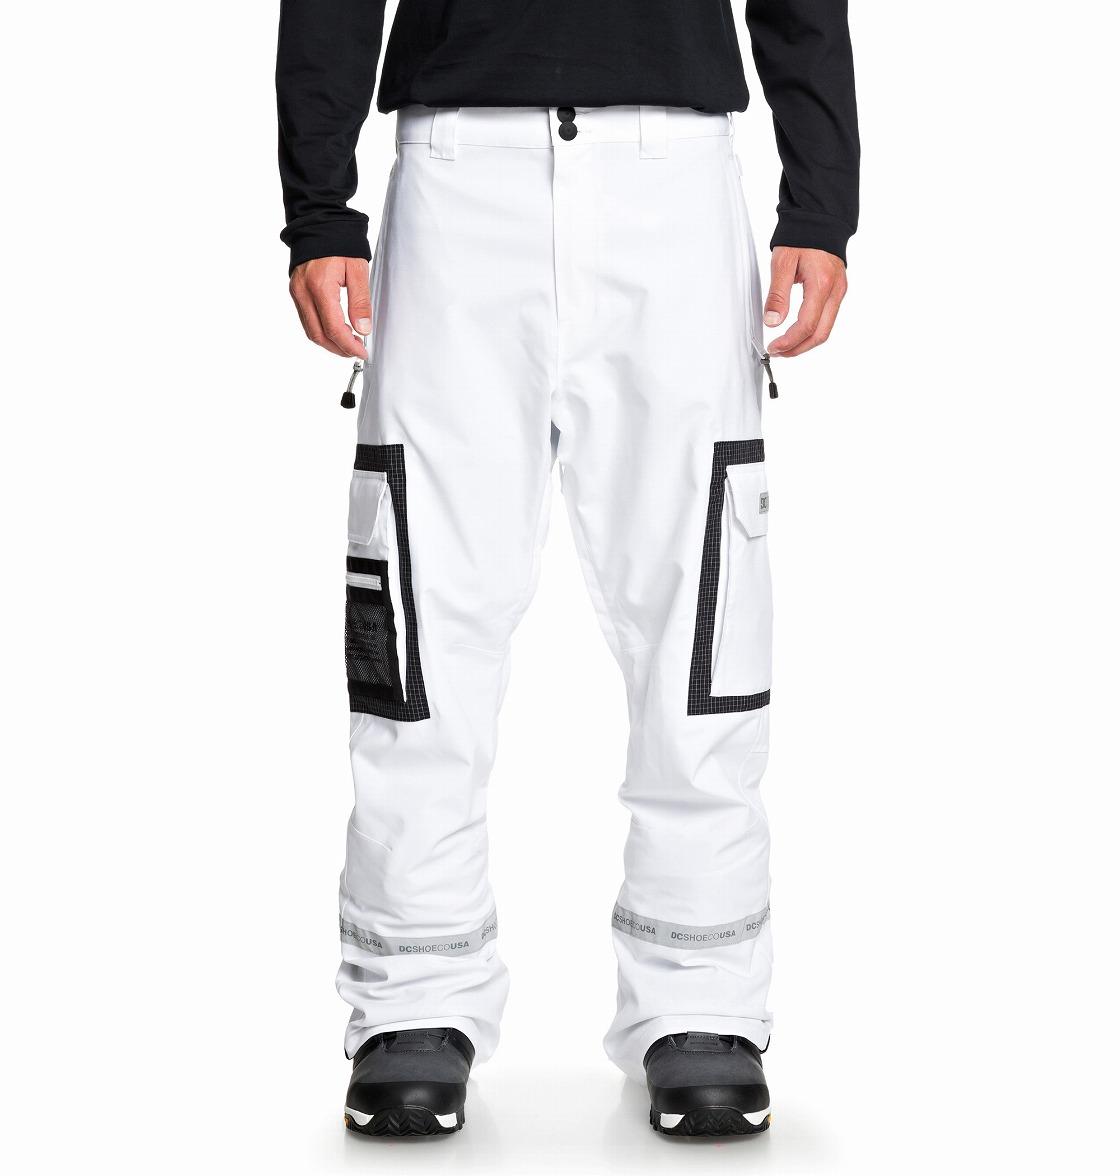 ディーシーシューズ DC SHOES  REVIVAL PNT スキー スノボー ジャケット アウター ウェア ウエア ウィンタースポーツ 【EDYTP03043 WBB0】